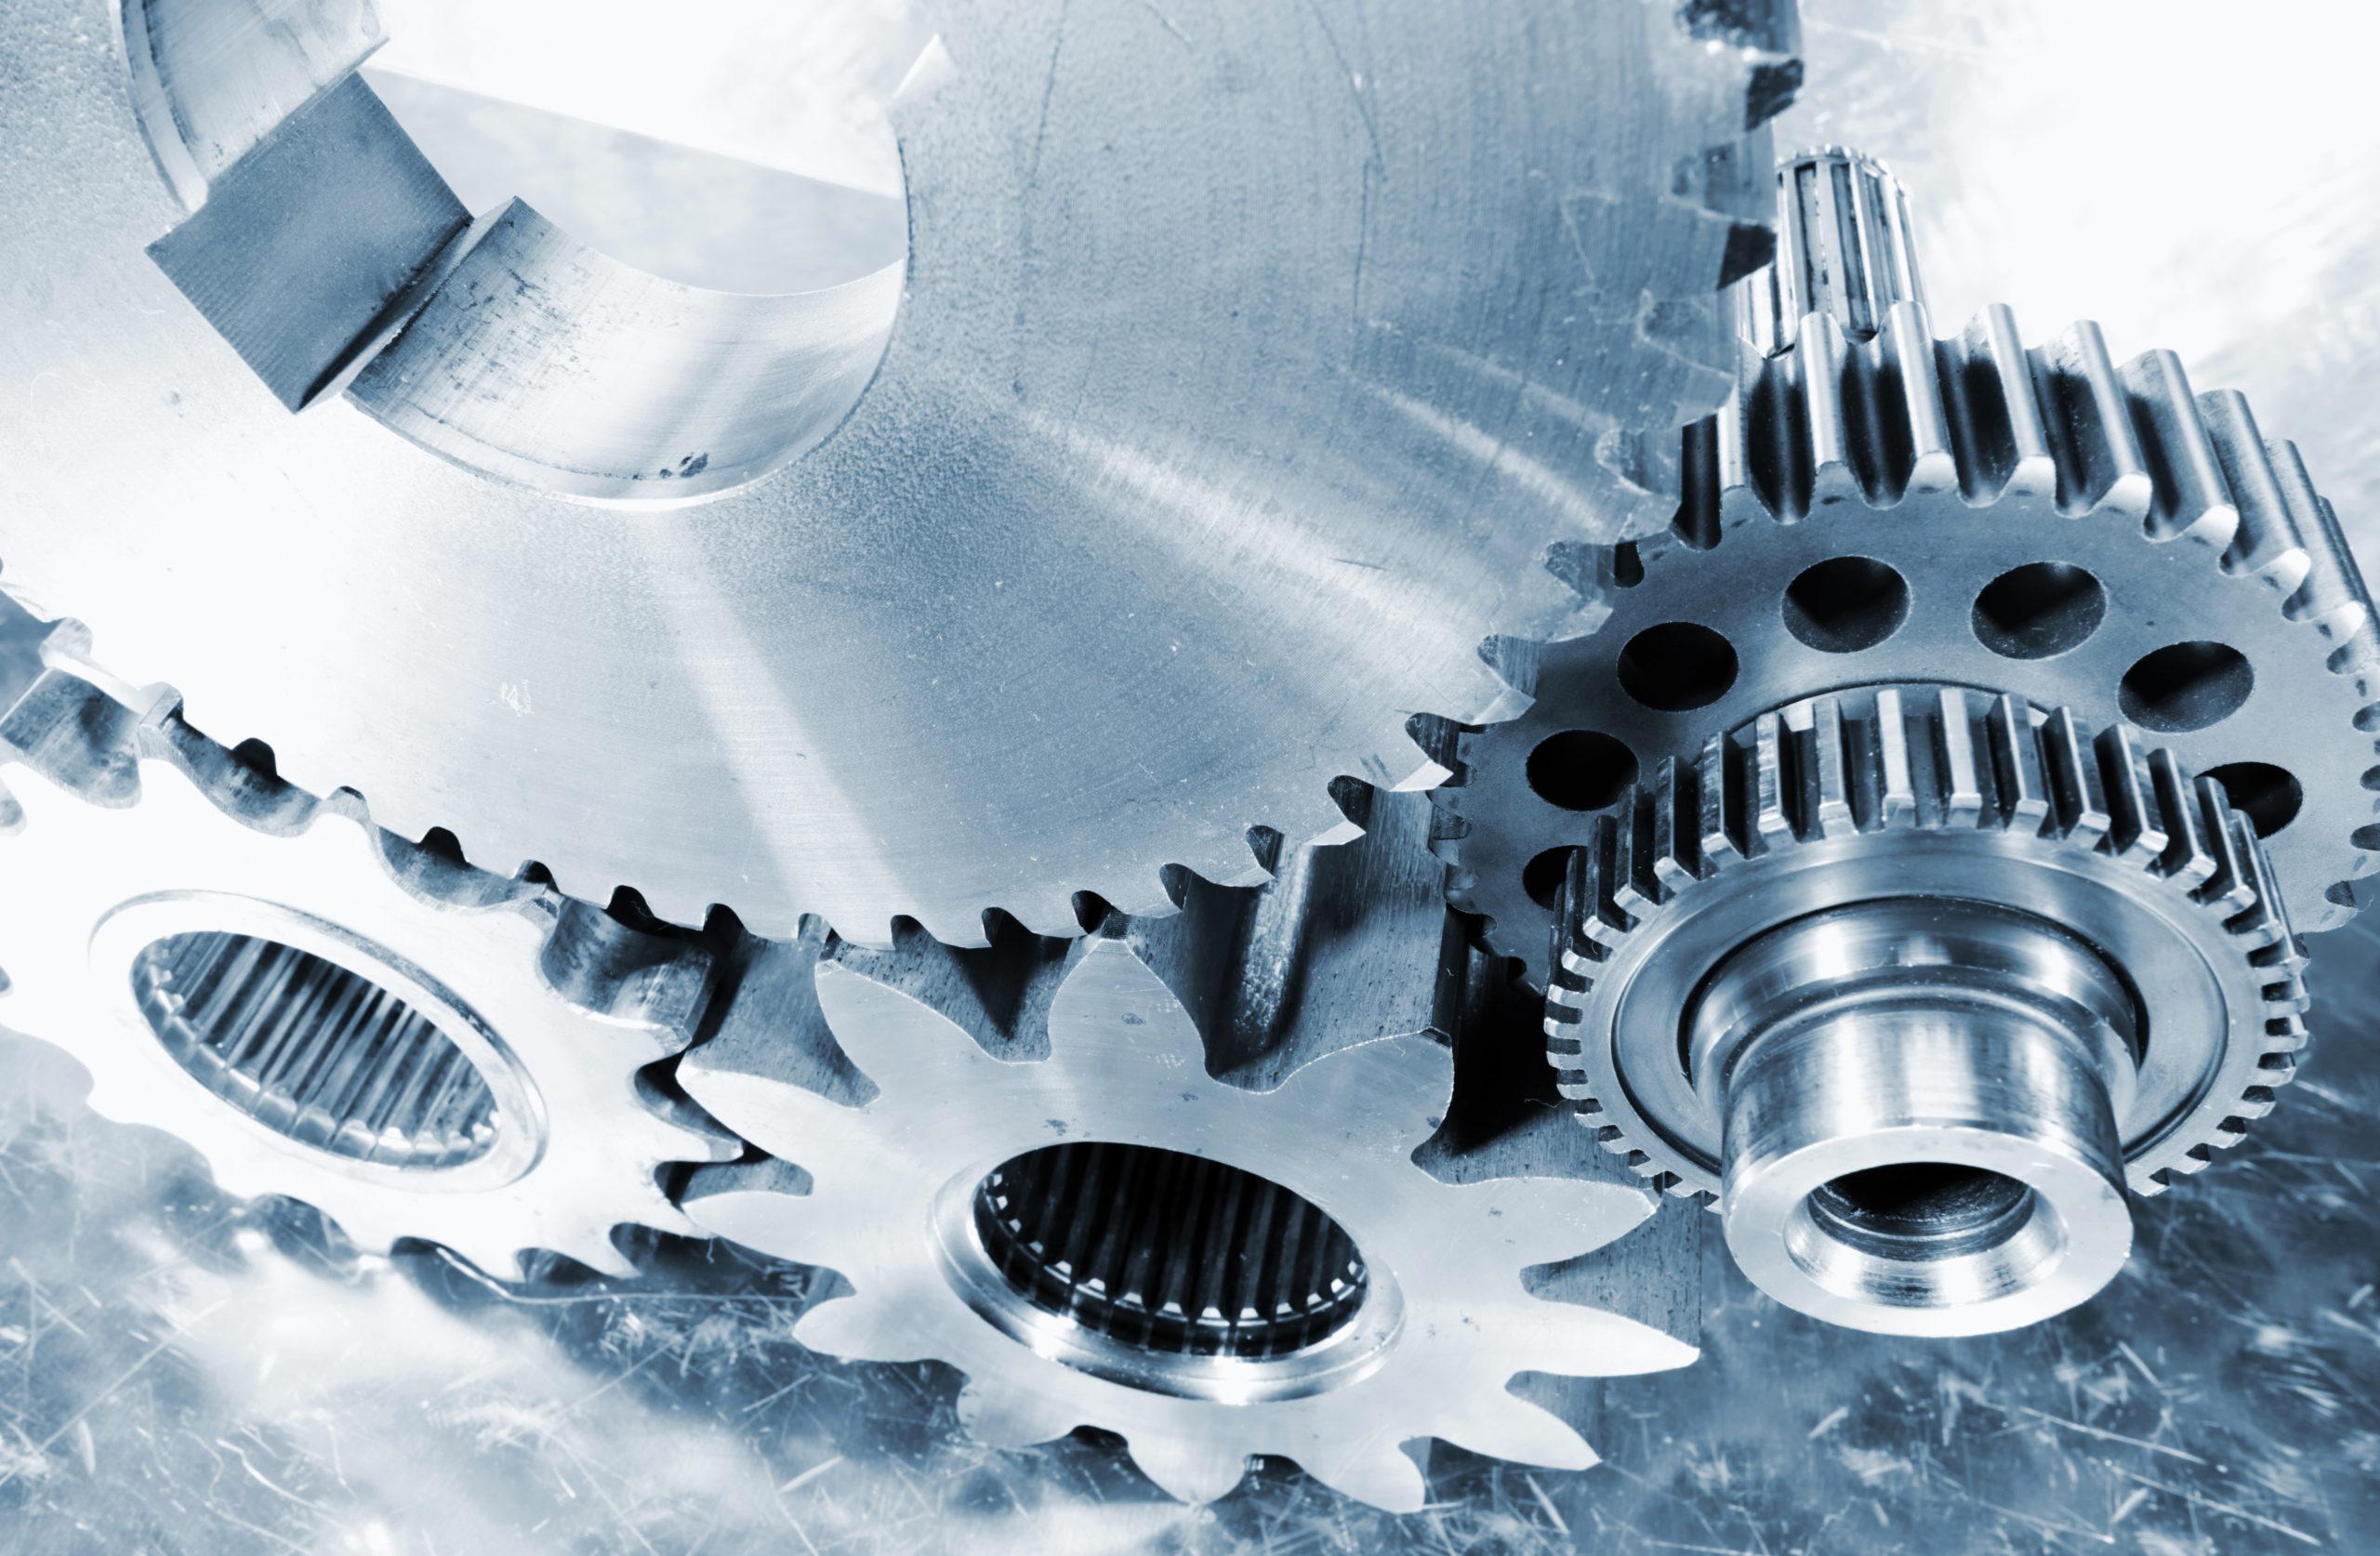 titanium and steel engineering